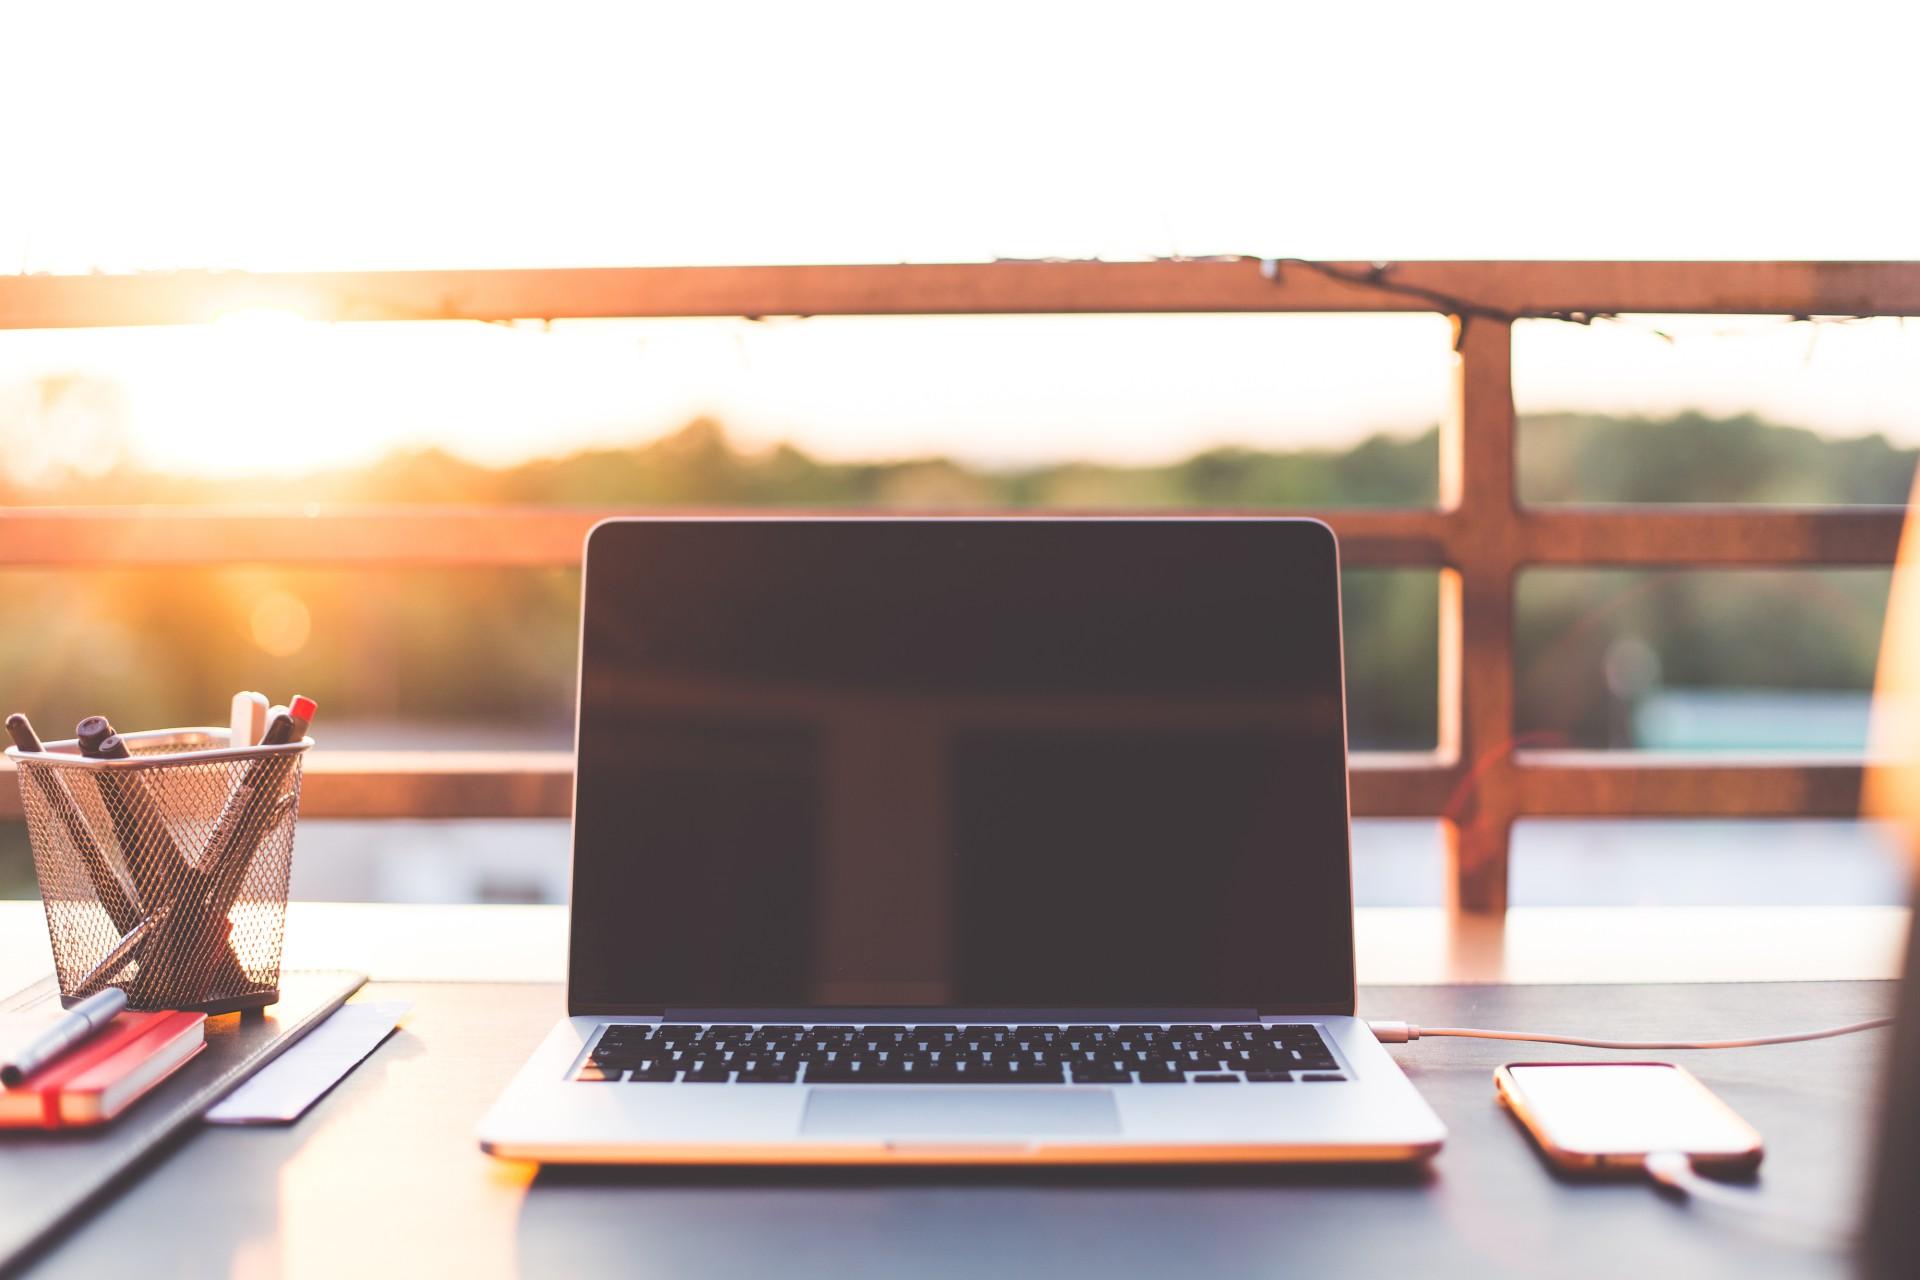 Produktivität: 10 Tipps von erfolgreichen Persönlichkeiten